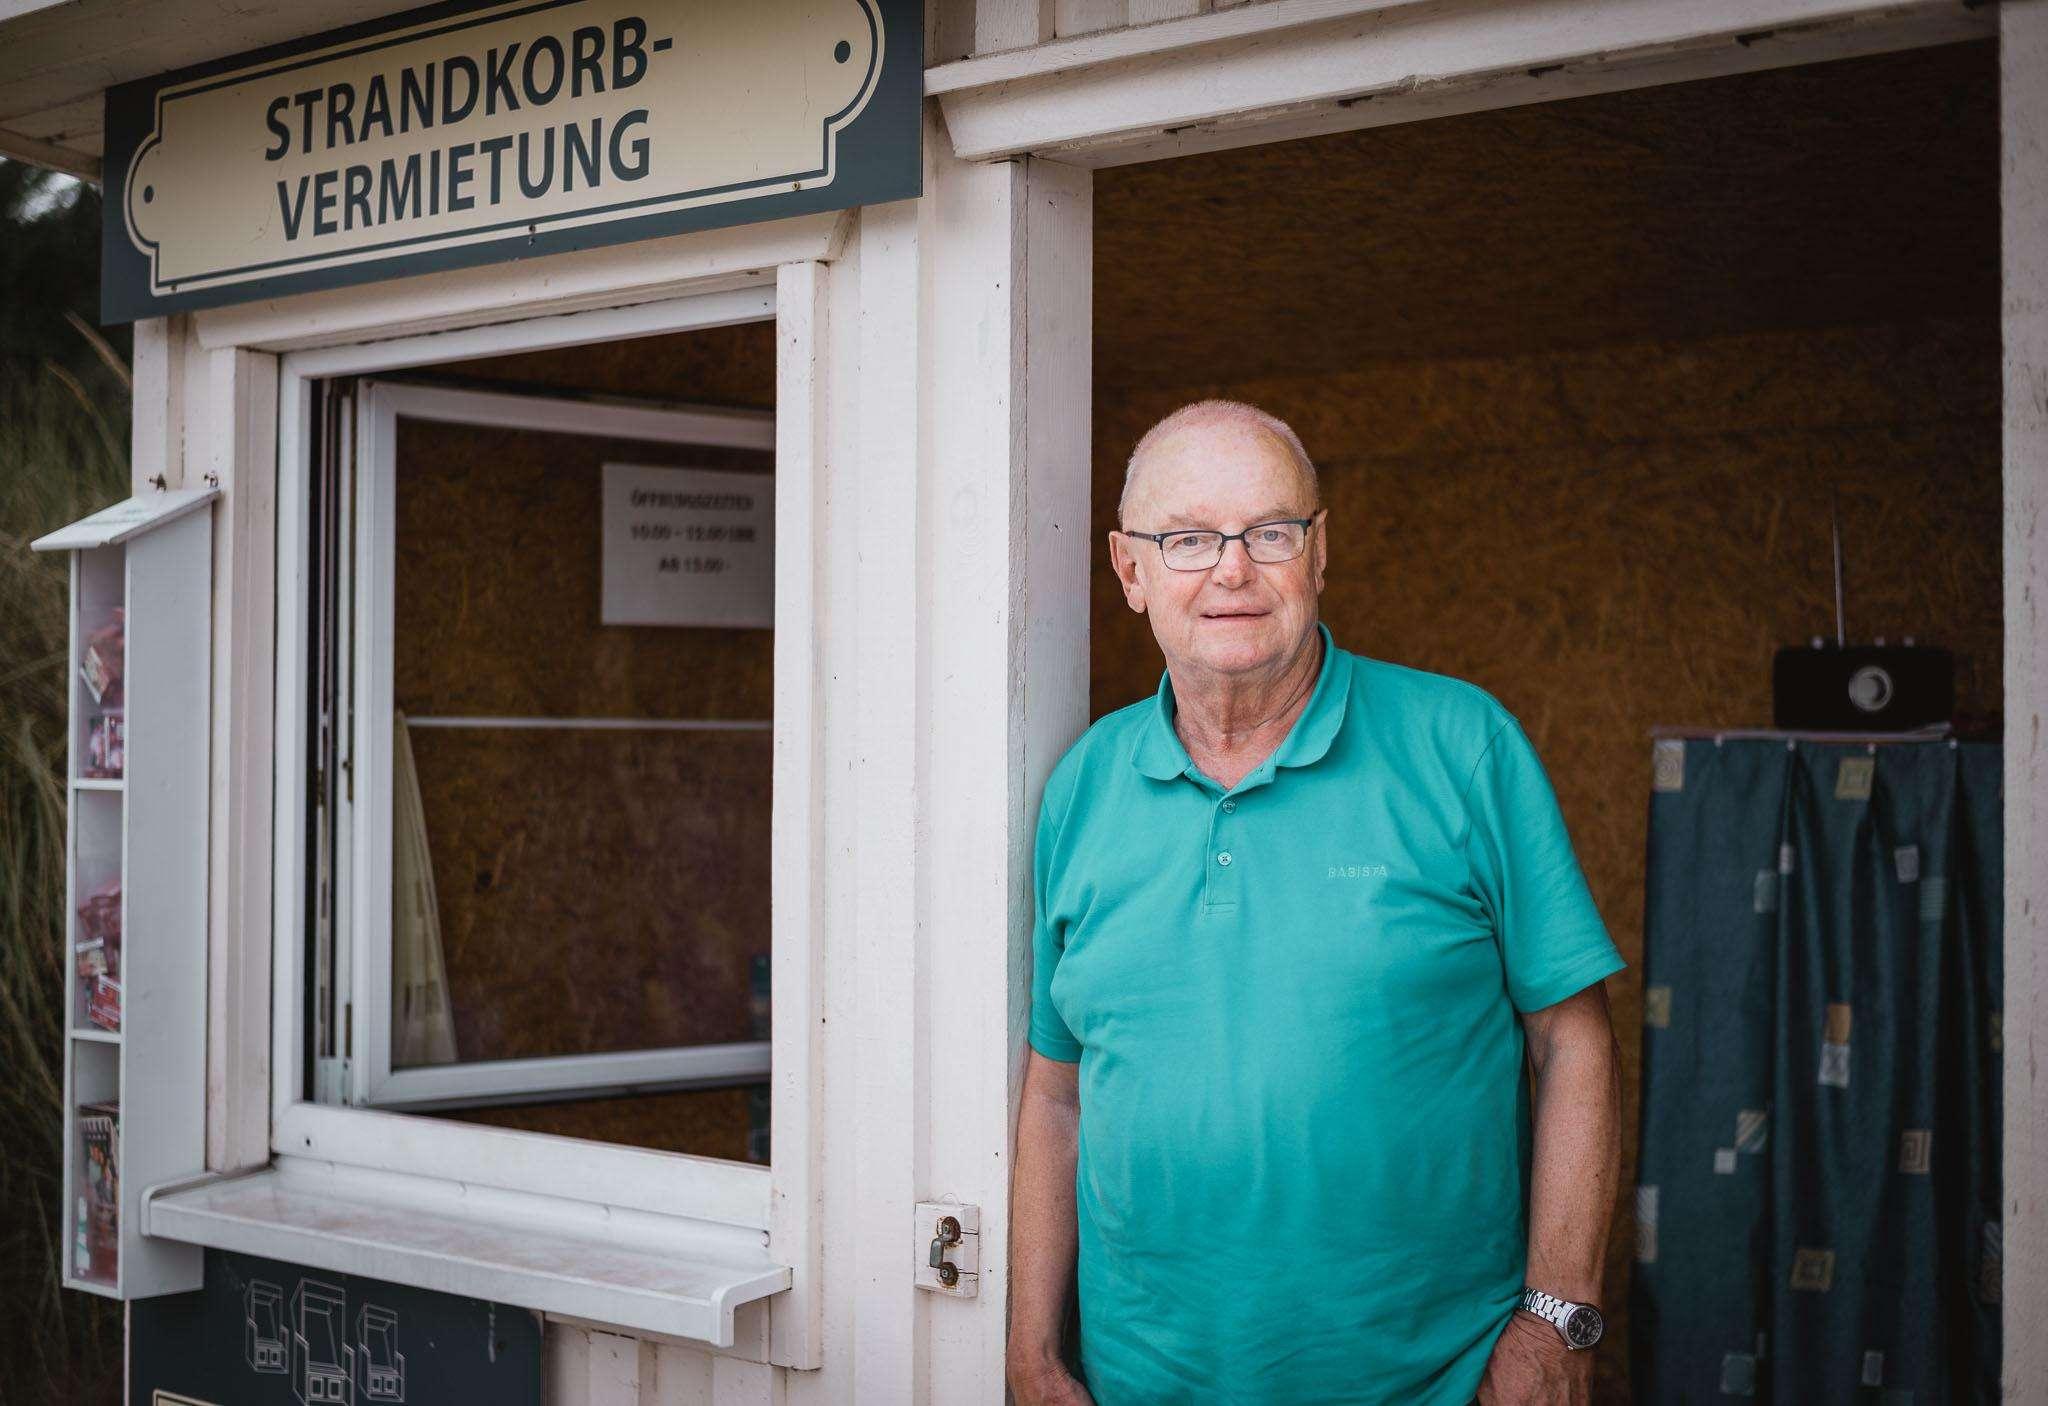 Strandkorb Vermieter in Zingst - Peter Kroll